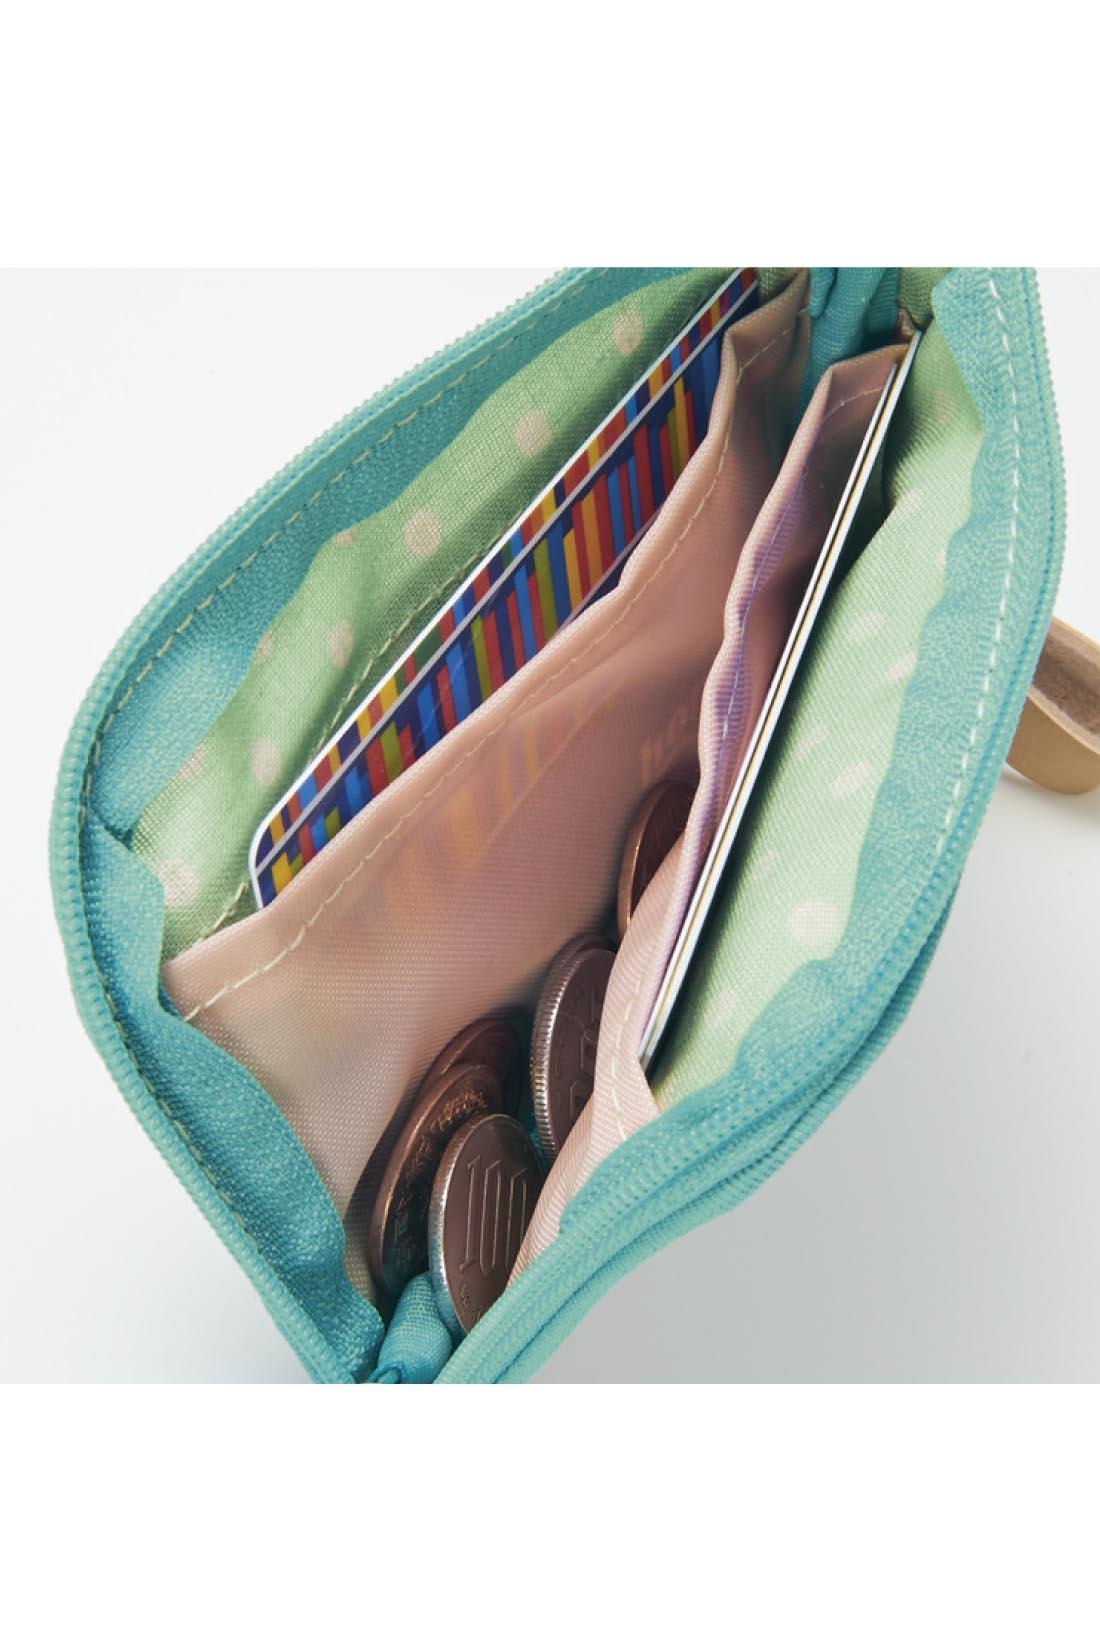 カードや小銭などよく使うものをまとめてIN。